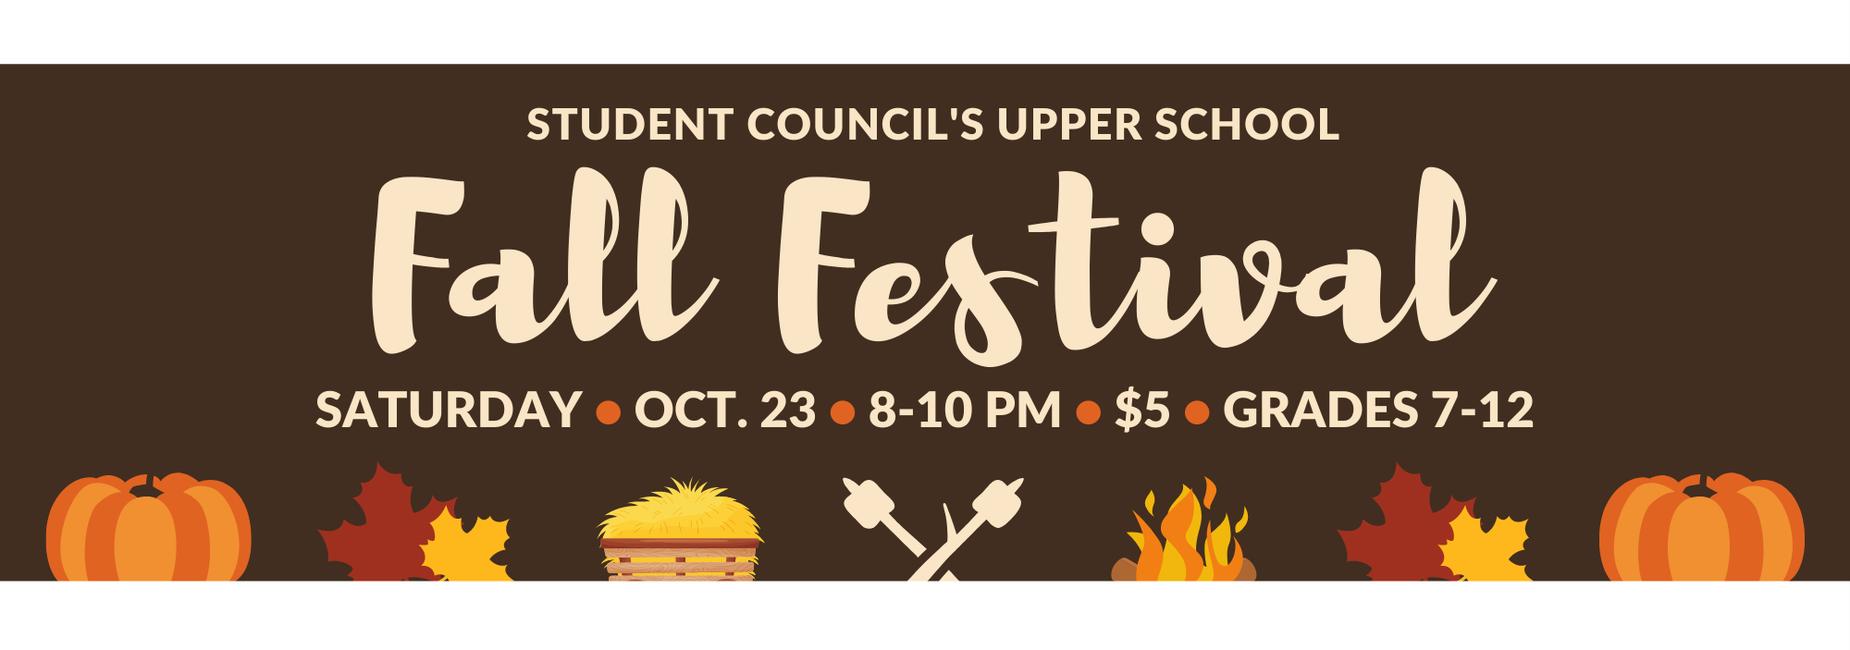 Upper School Fall Festival